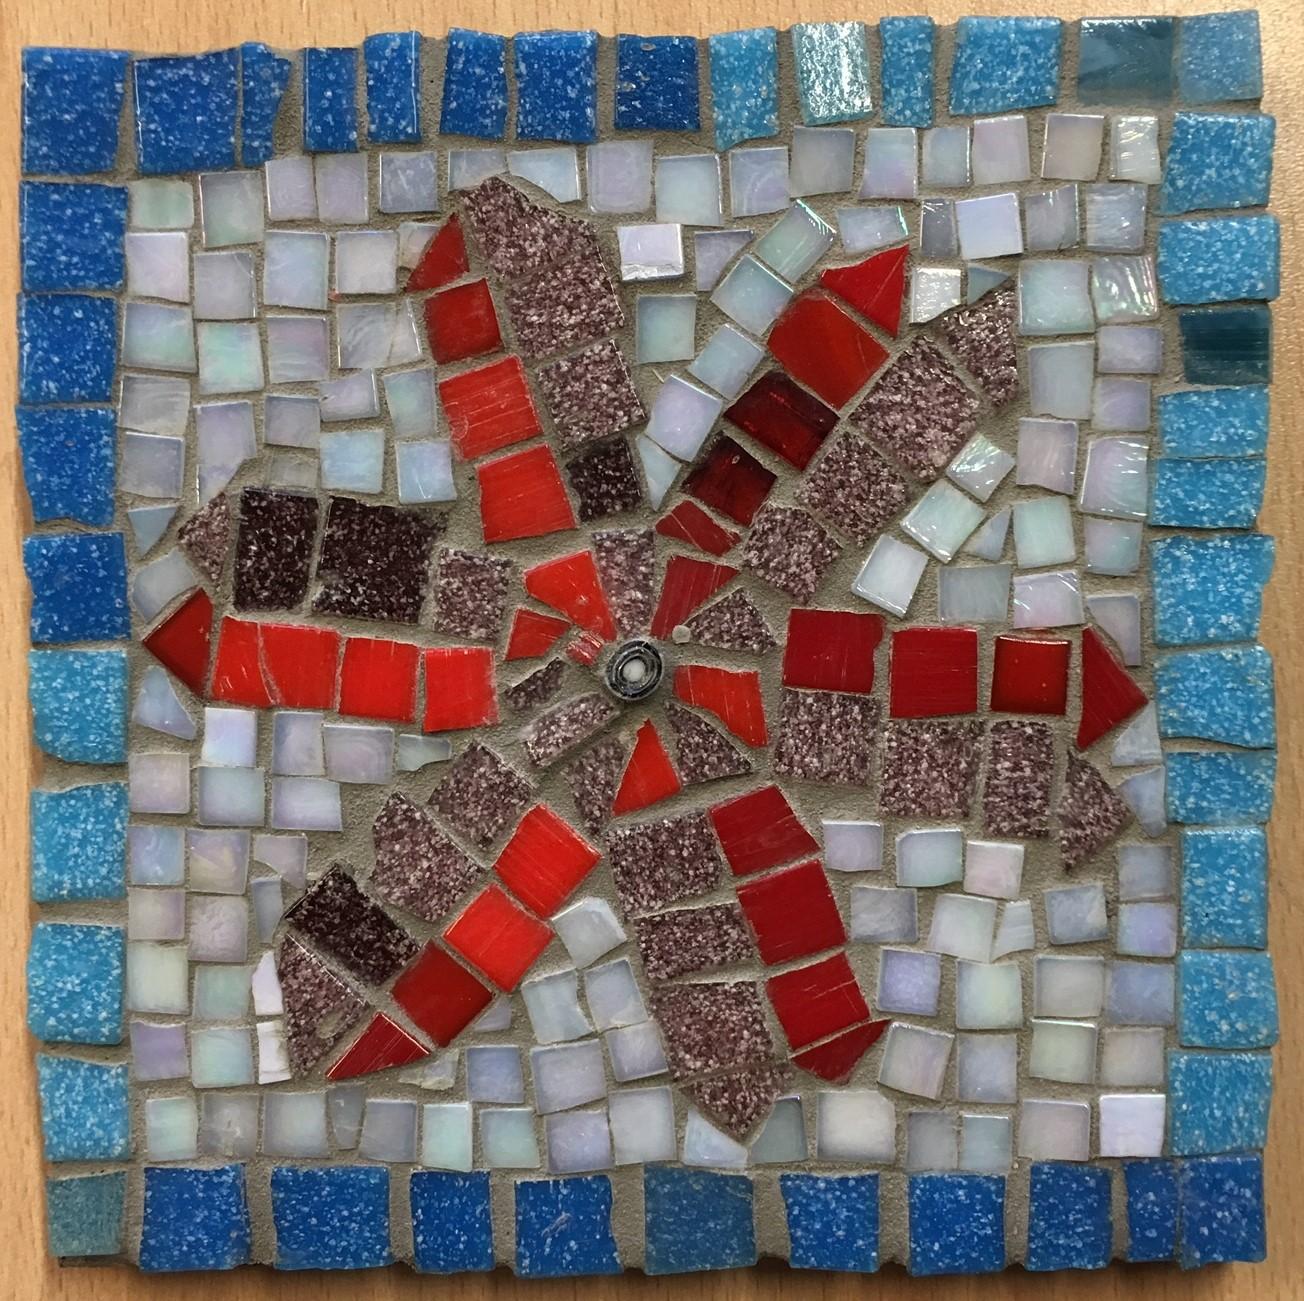 mosaic 2 - snowflake completed.jpg